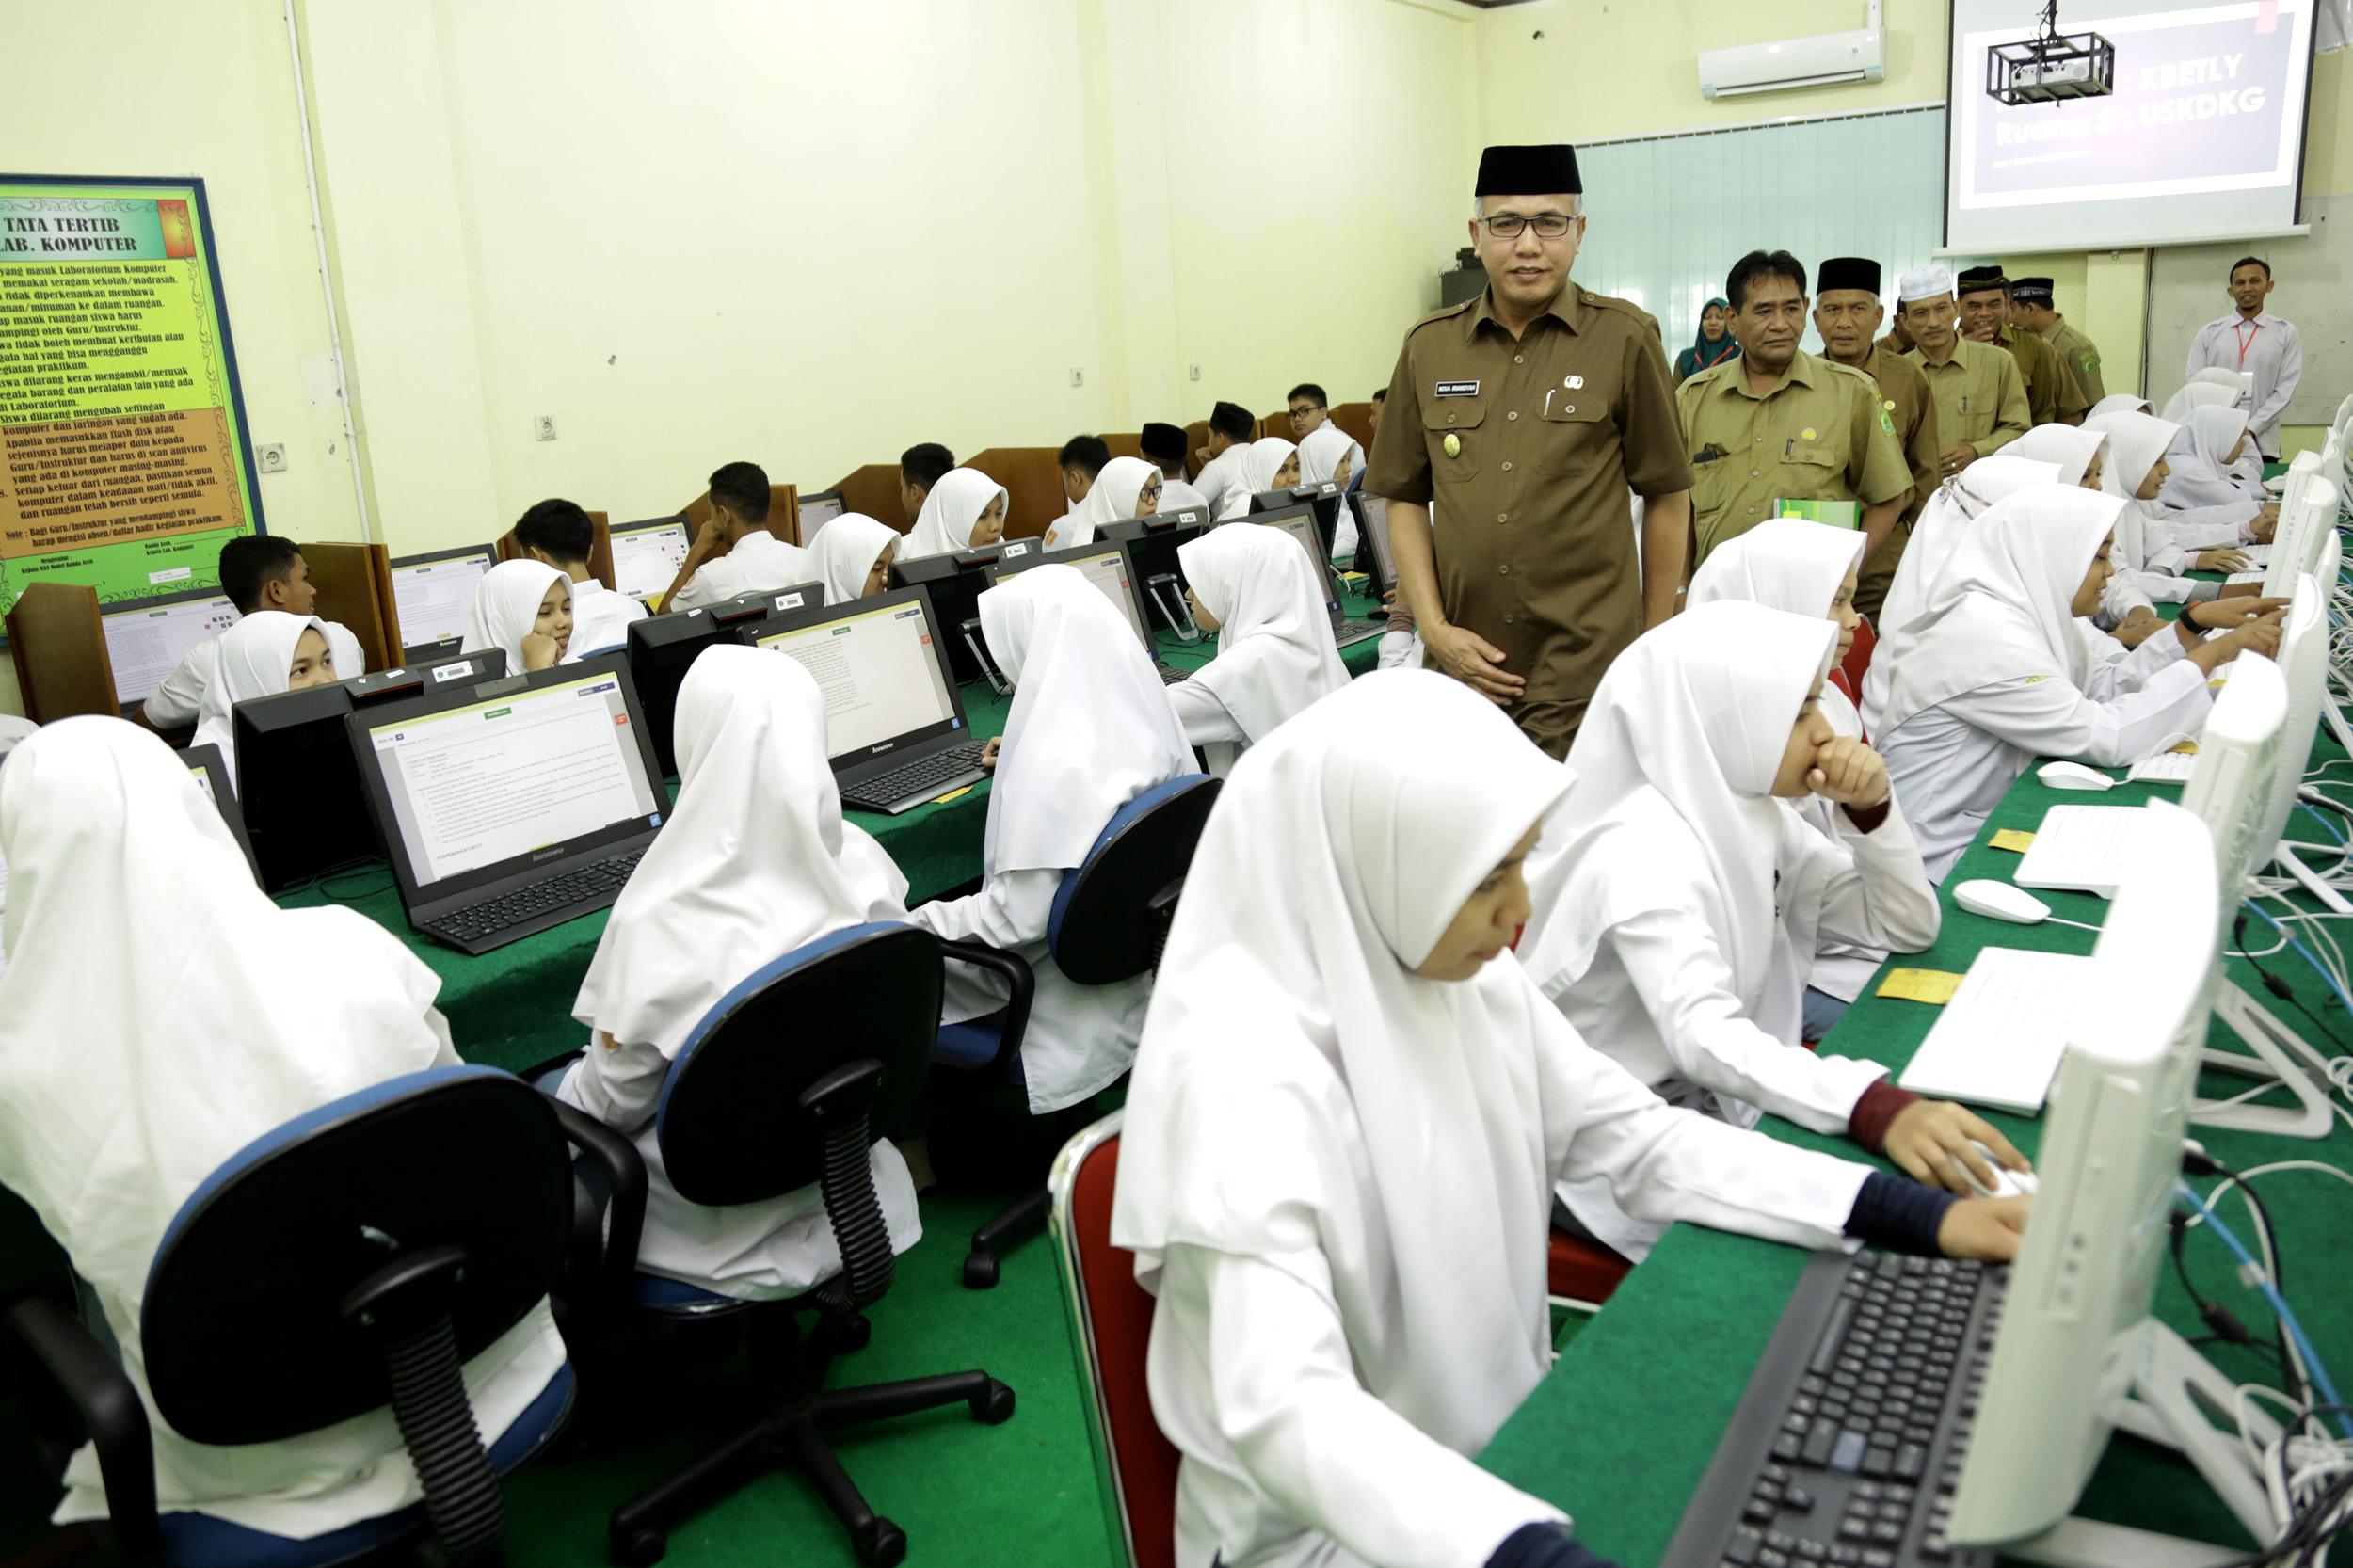 Wagub Aceh Tinjau Pelaksanaan UNBK Hari Pertama